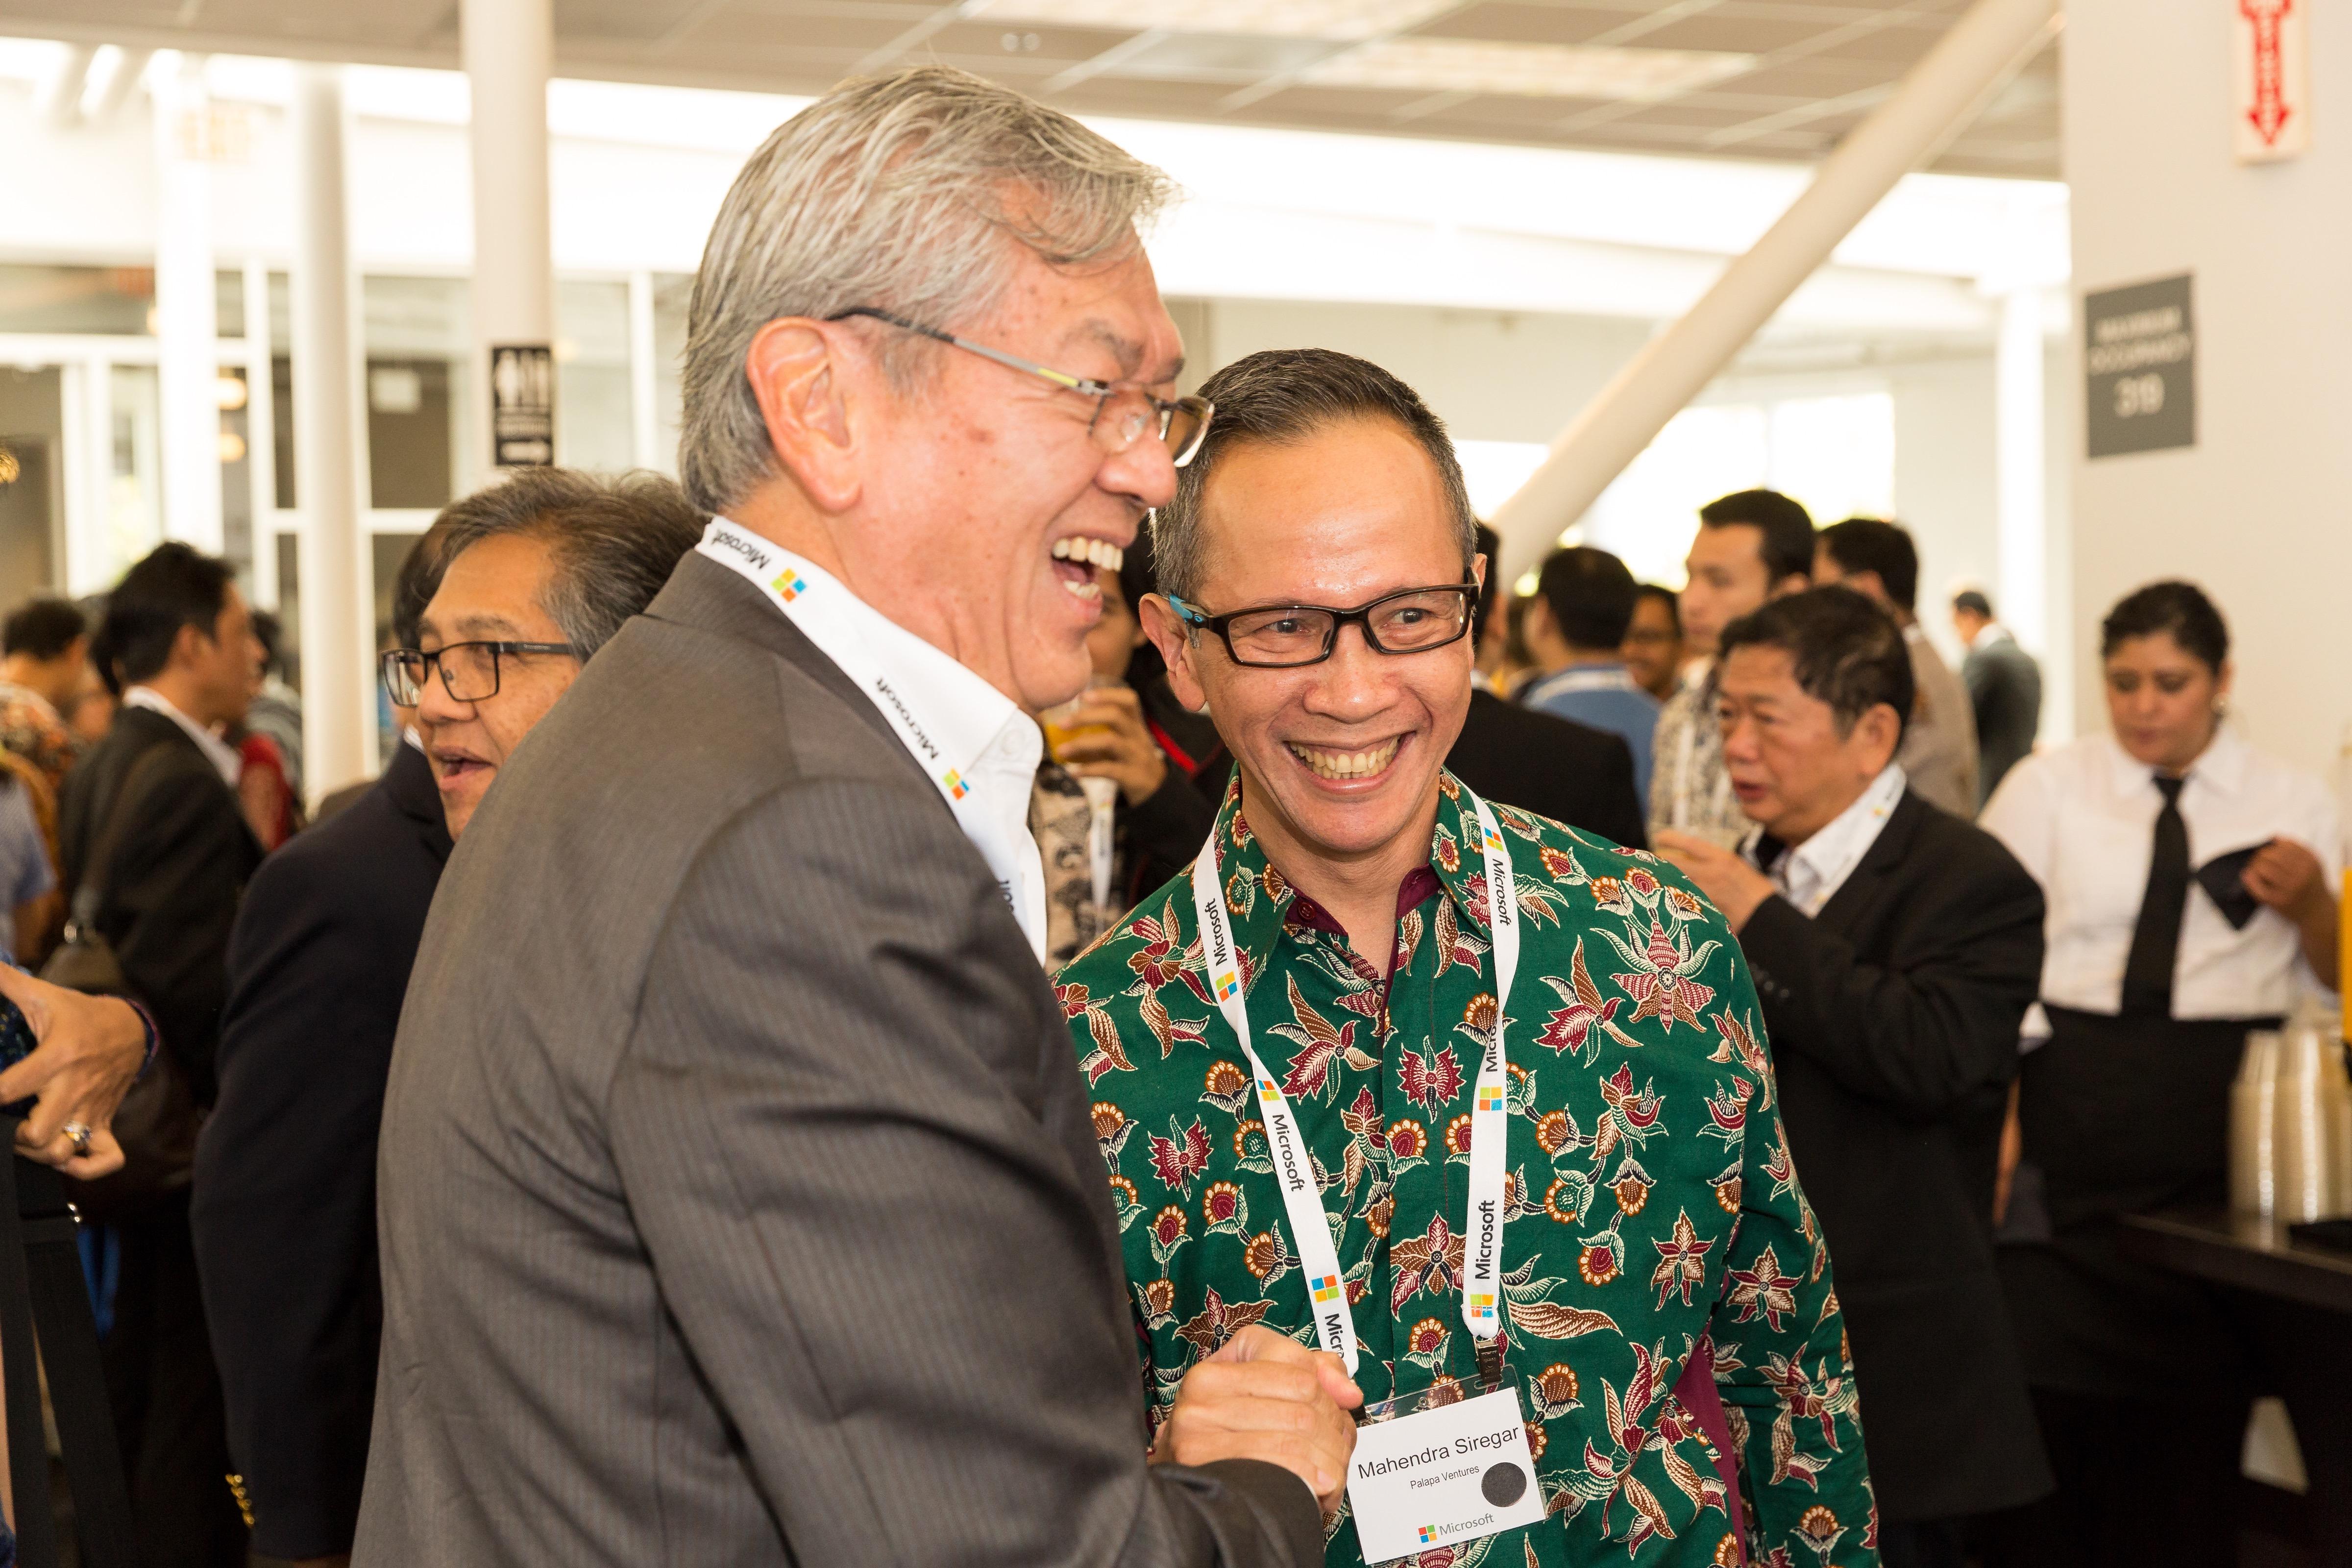 Indo delegation visit to SV - 21 of 115